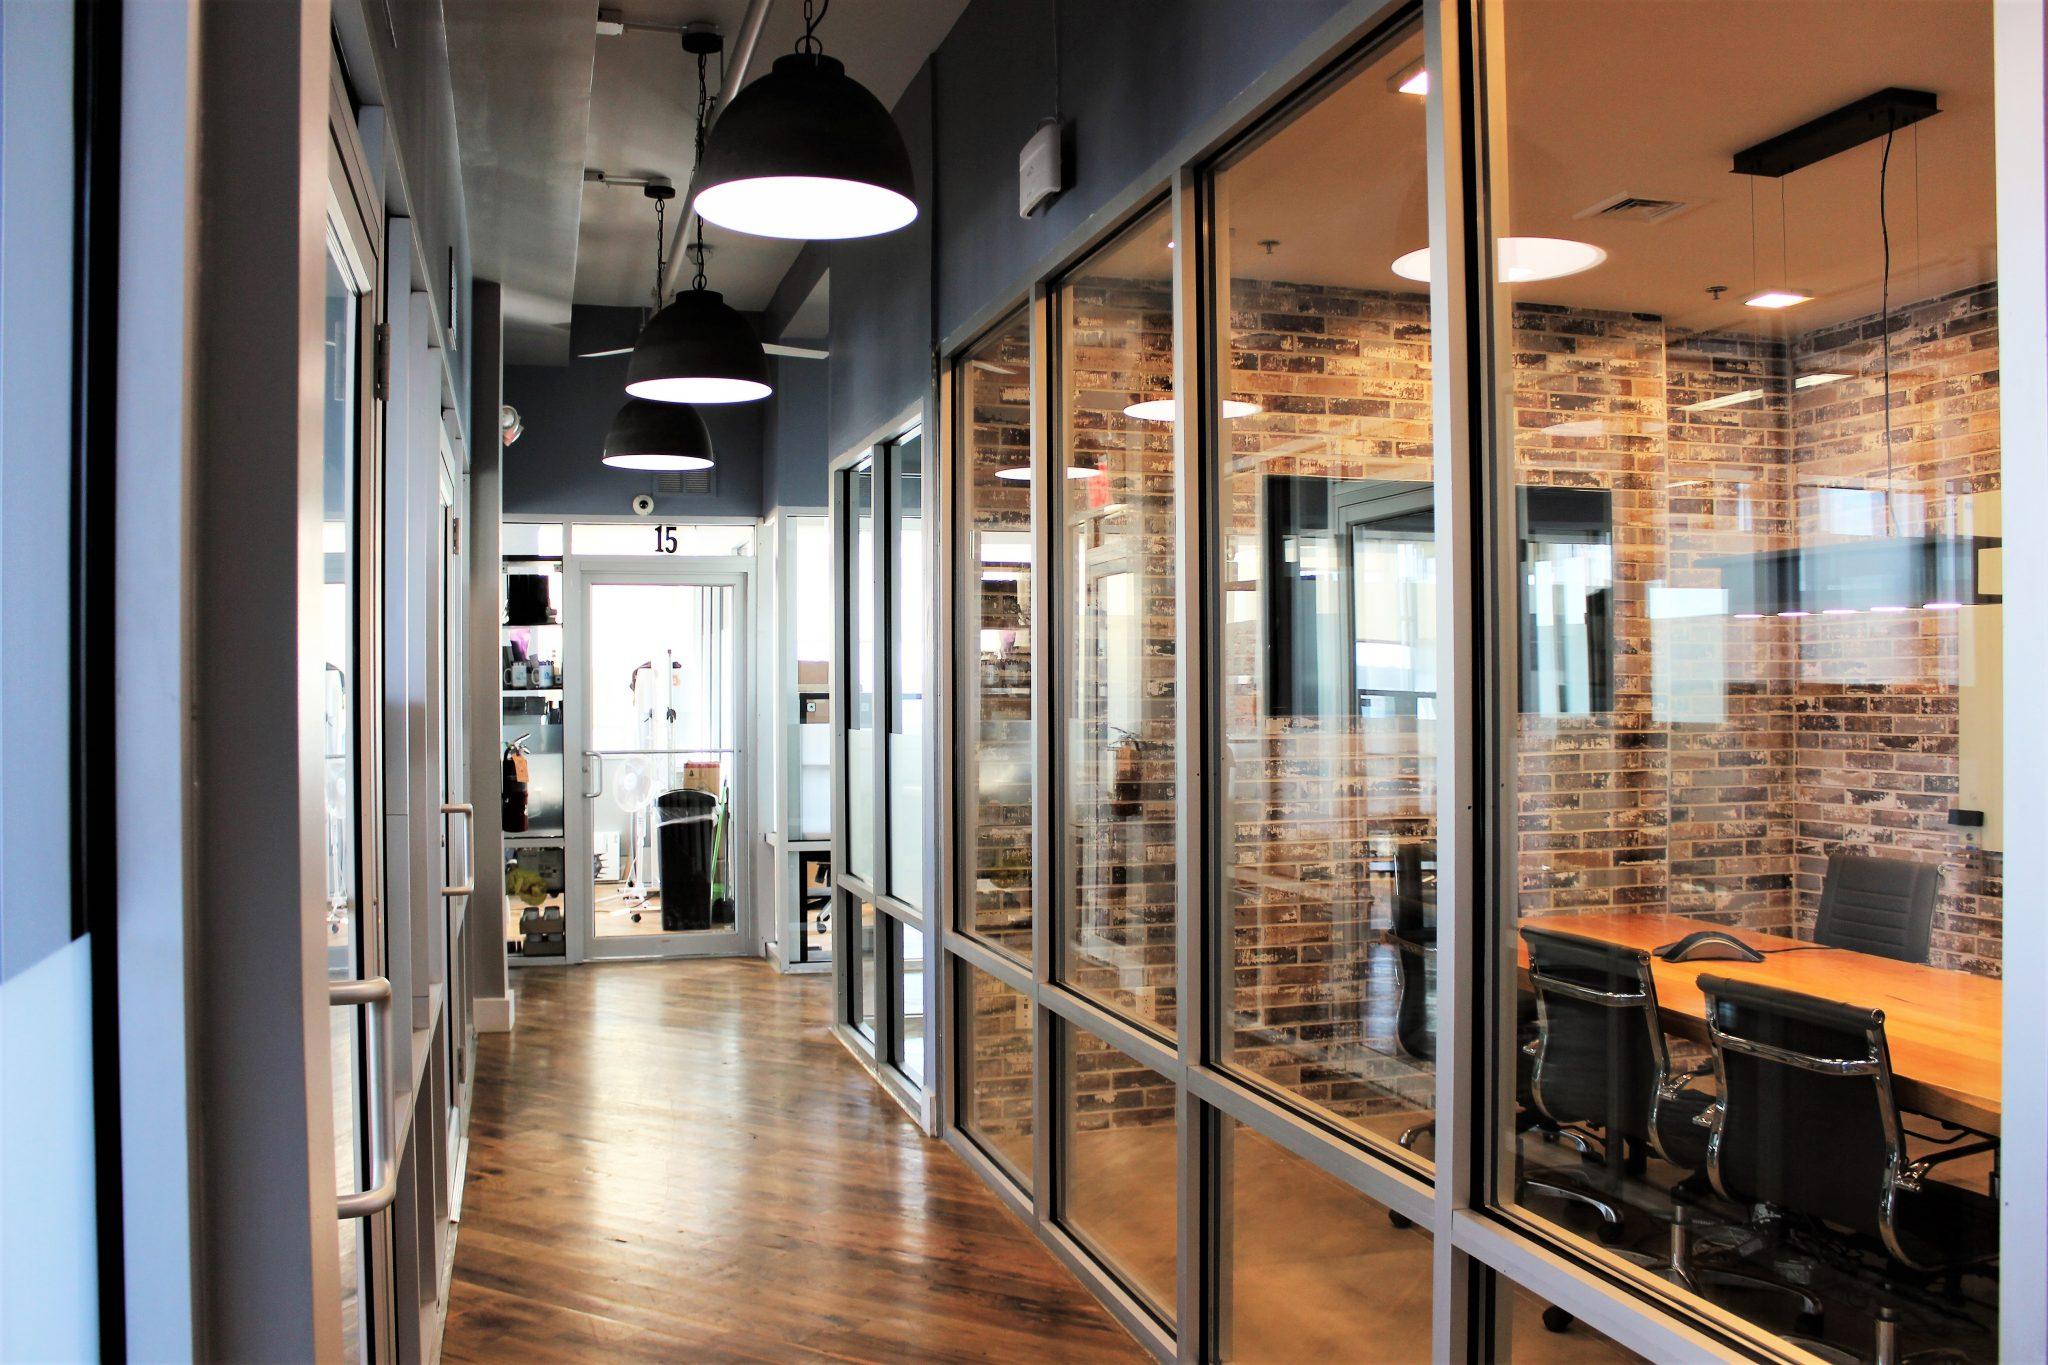 Northern BLVD Hallway